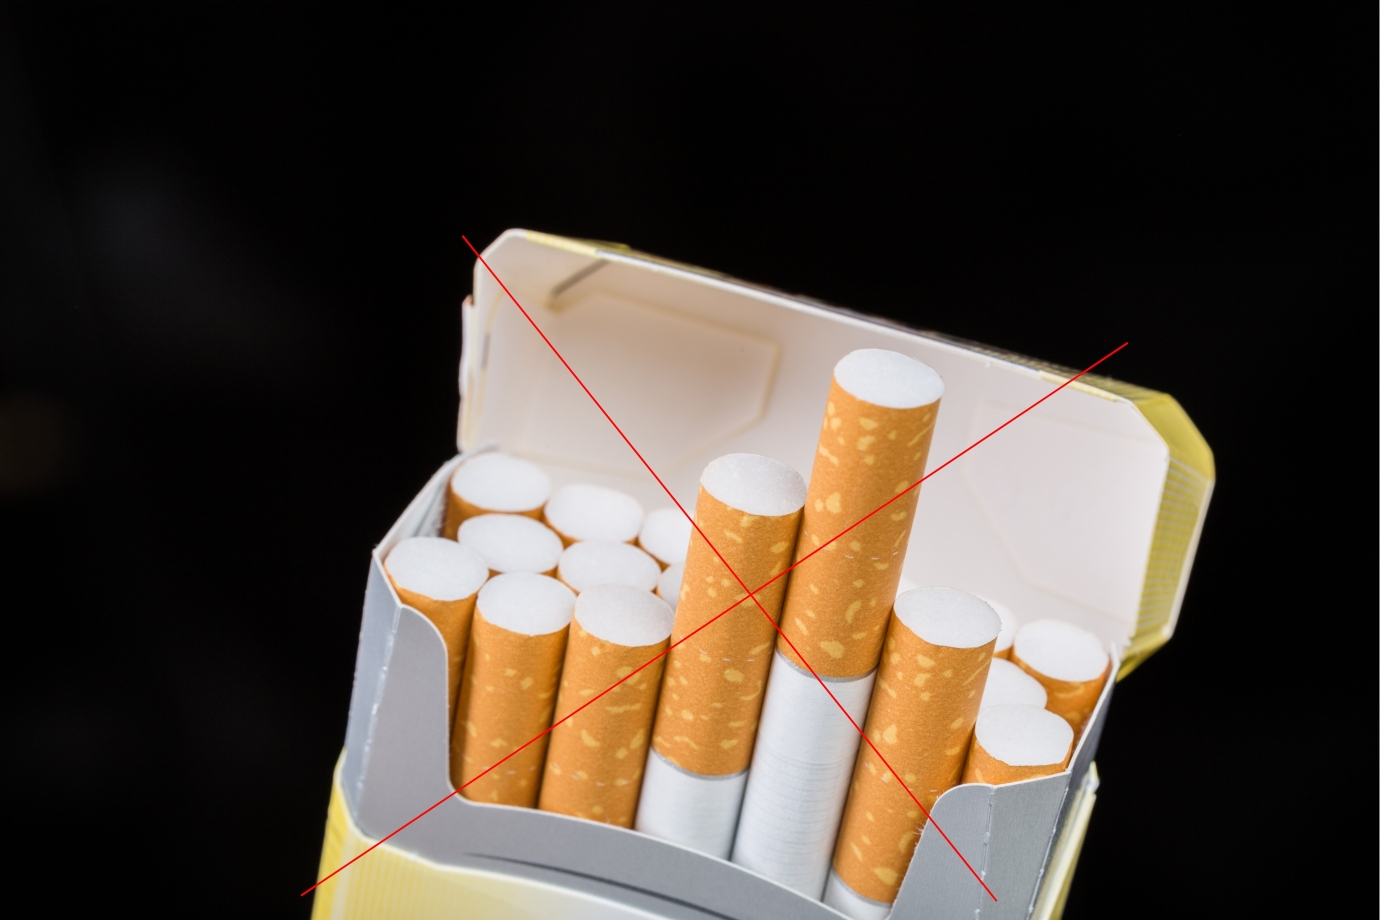 Табак табачные изделия предназначенный для потребления путем нагревания что это сигареты купить 10 блоков